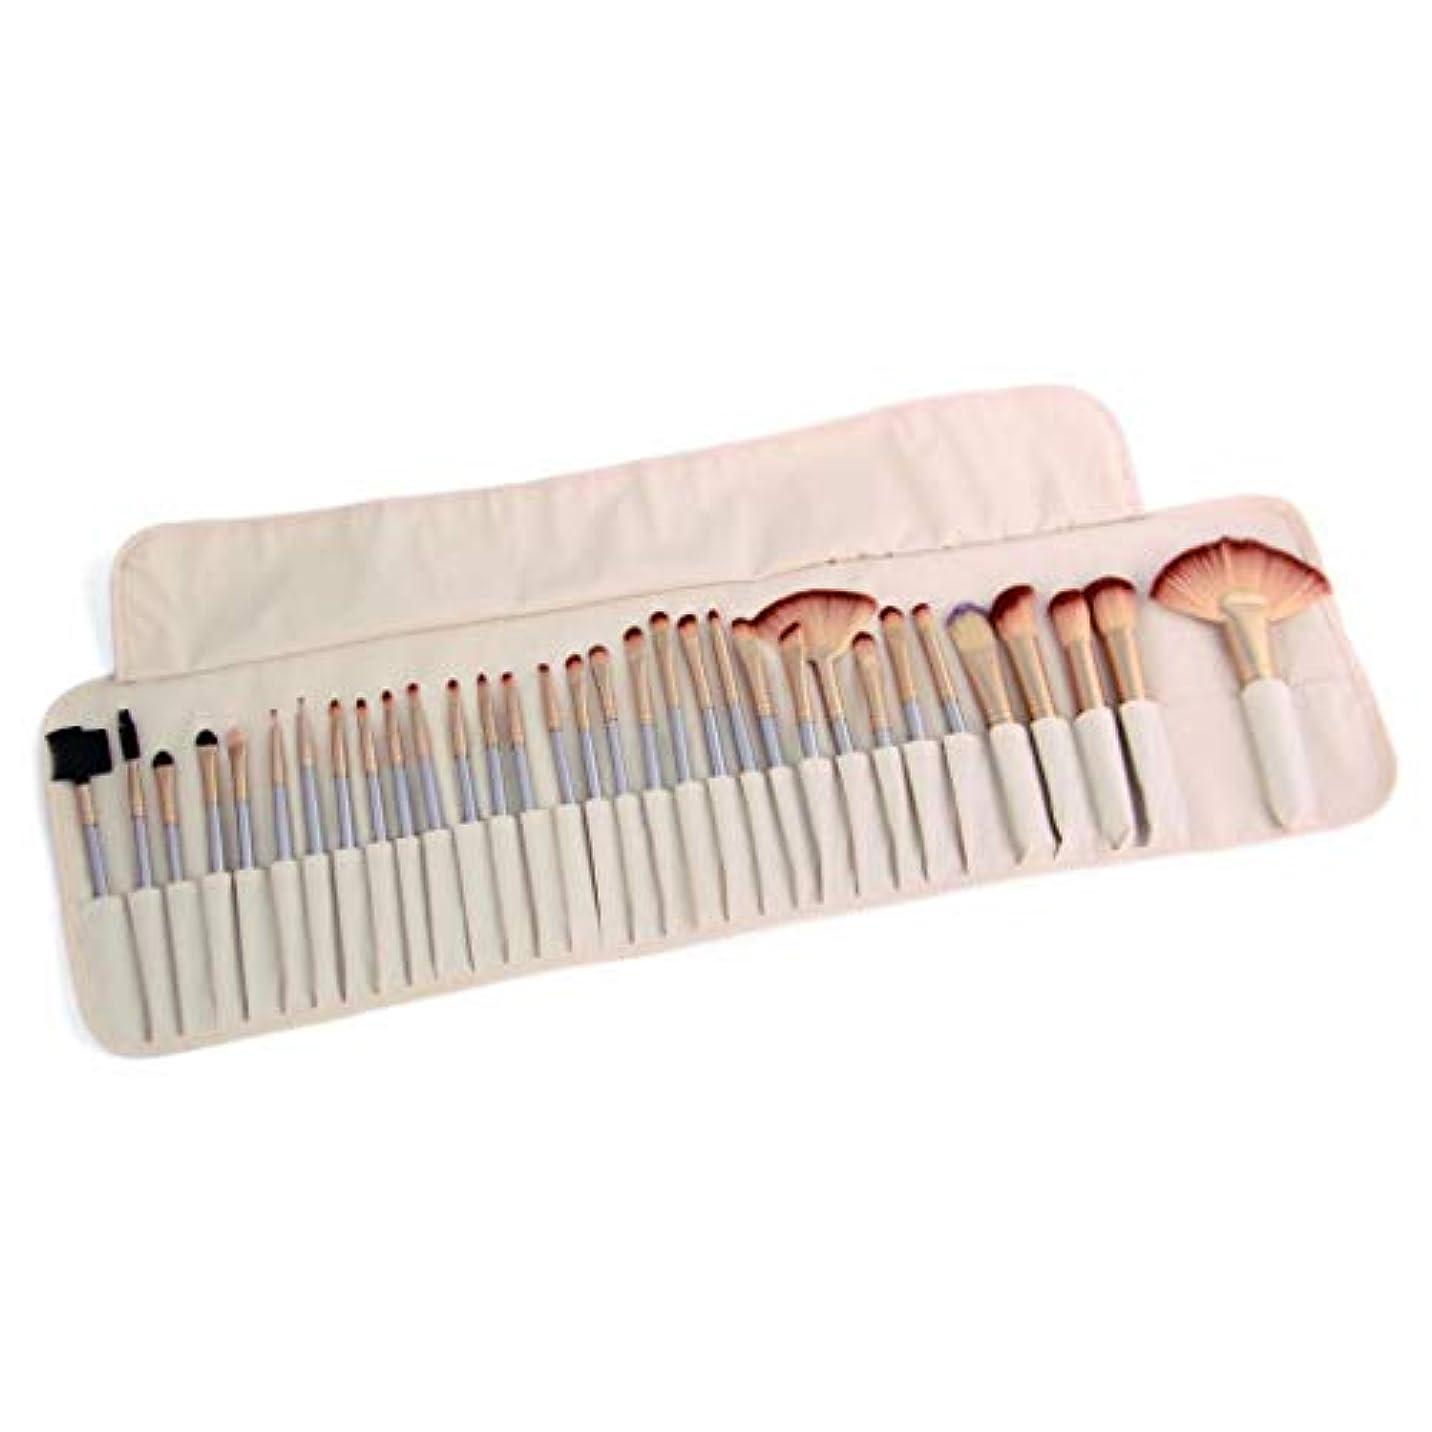 荒涼としたサーフィンポイント32化粧ブラシセットユニバーサル化粧道具アイシャドウブラシファンデーションブラシ,White